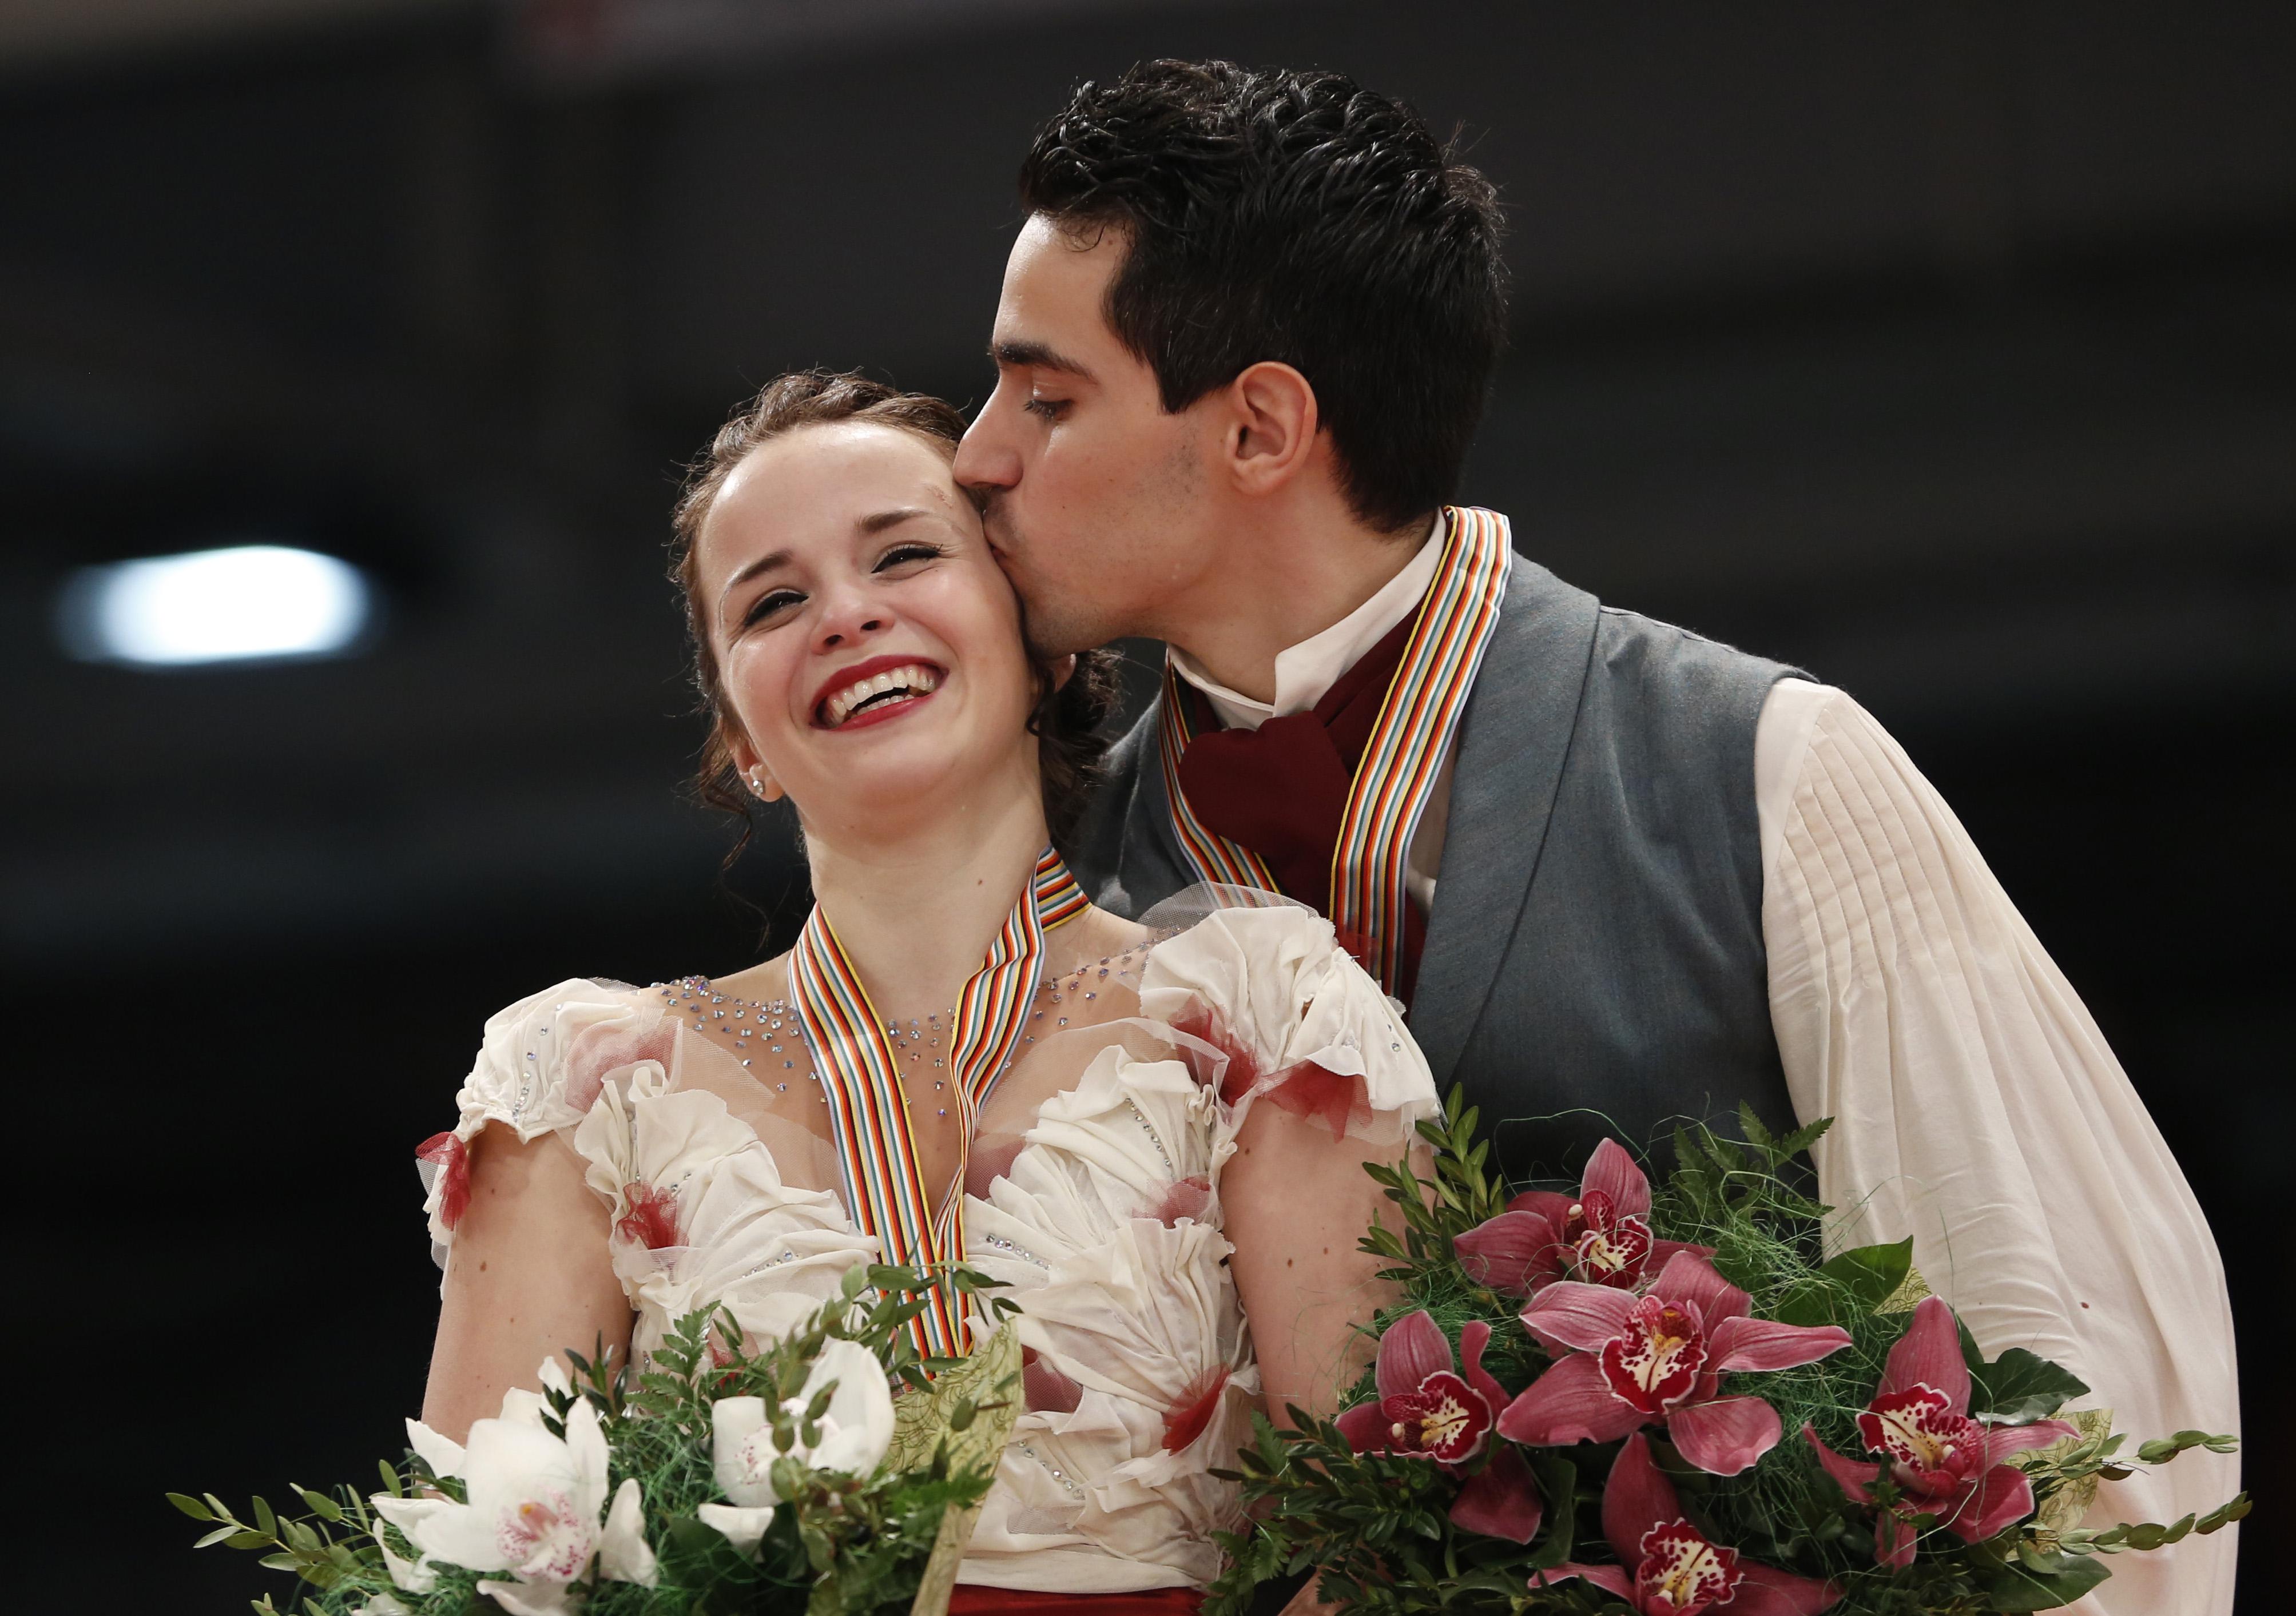 Анна Капеллини и Лука Ланотте стали чемпионами Европы